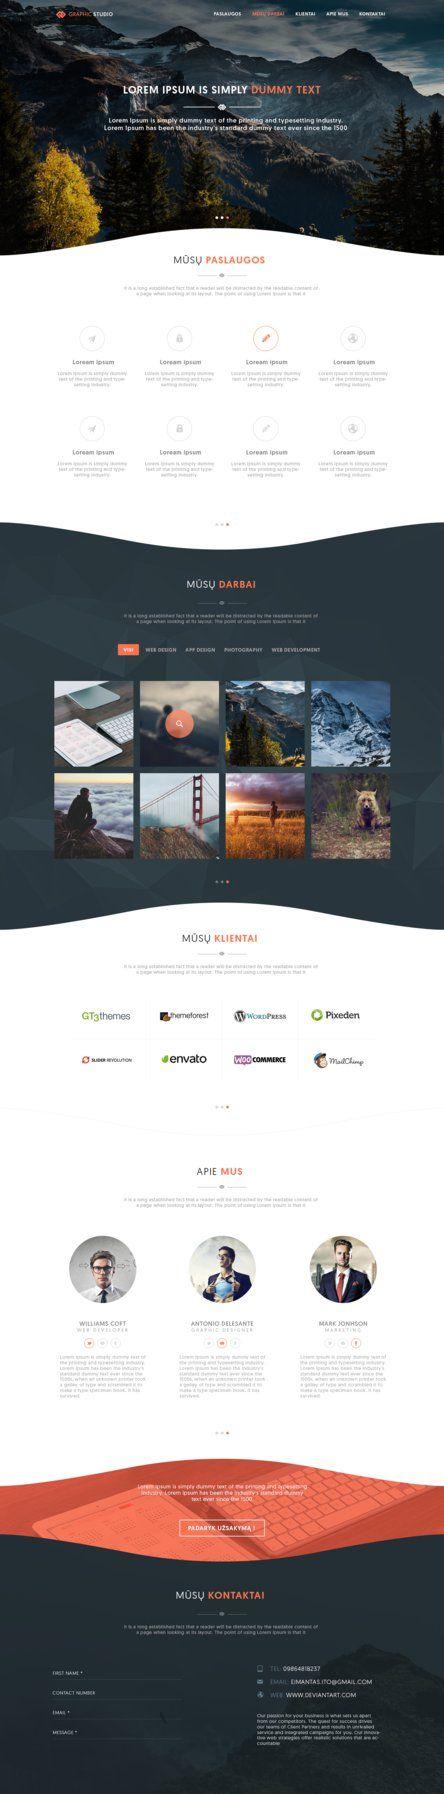 Portfolio Web Template by iEimiz